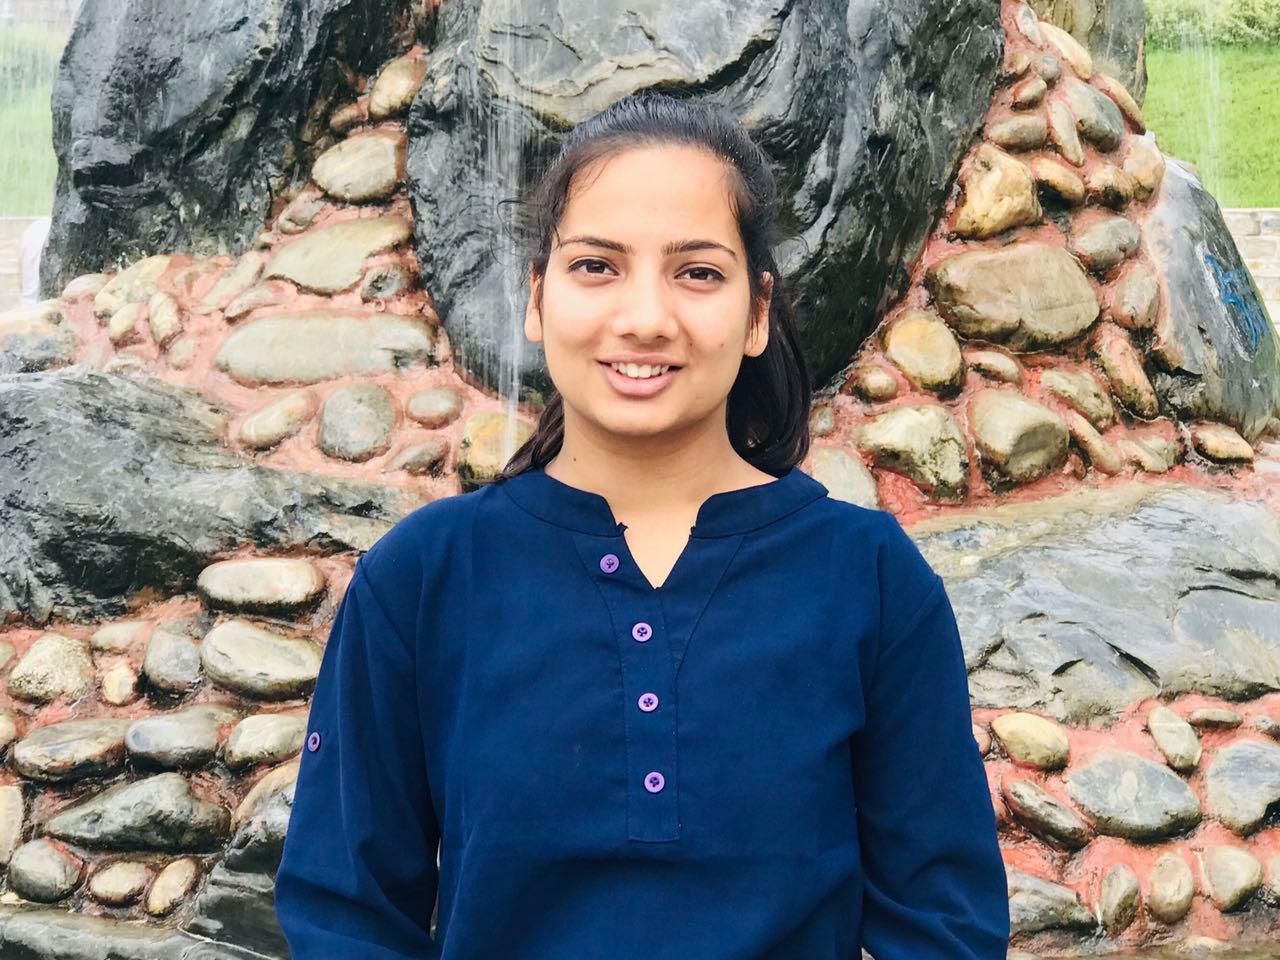 Shreeju Banjade